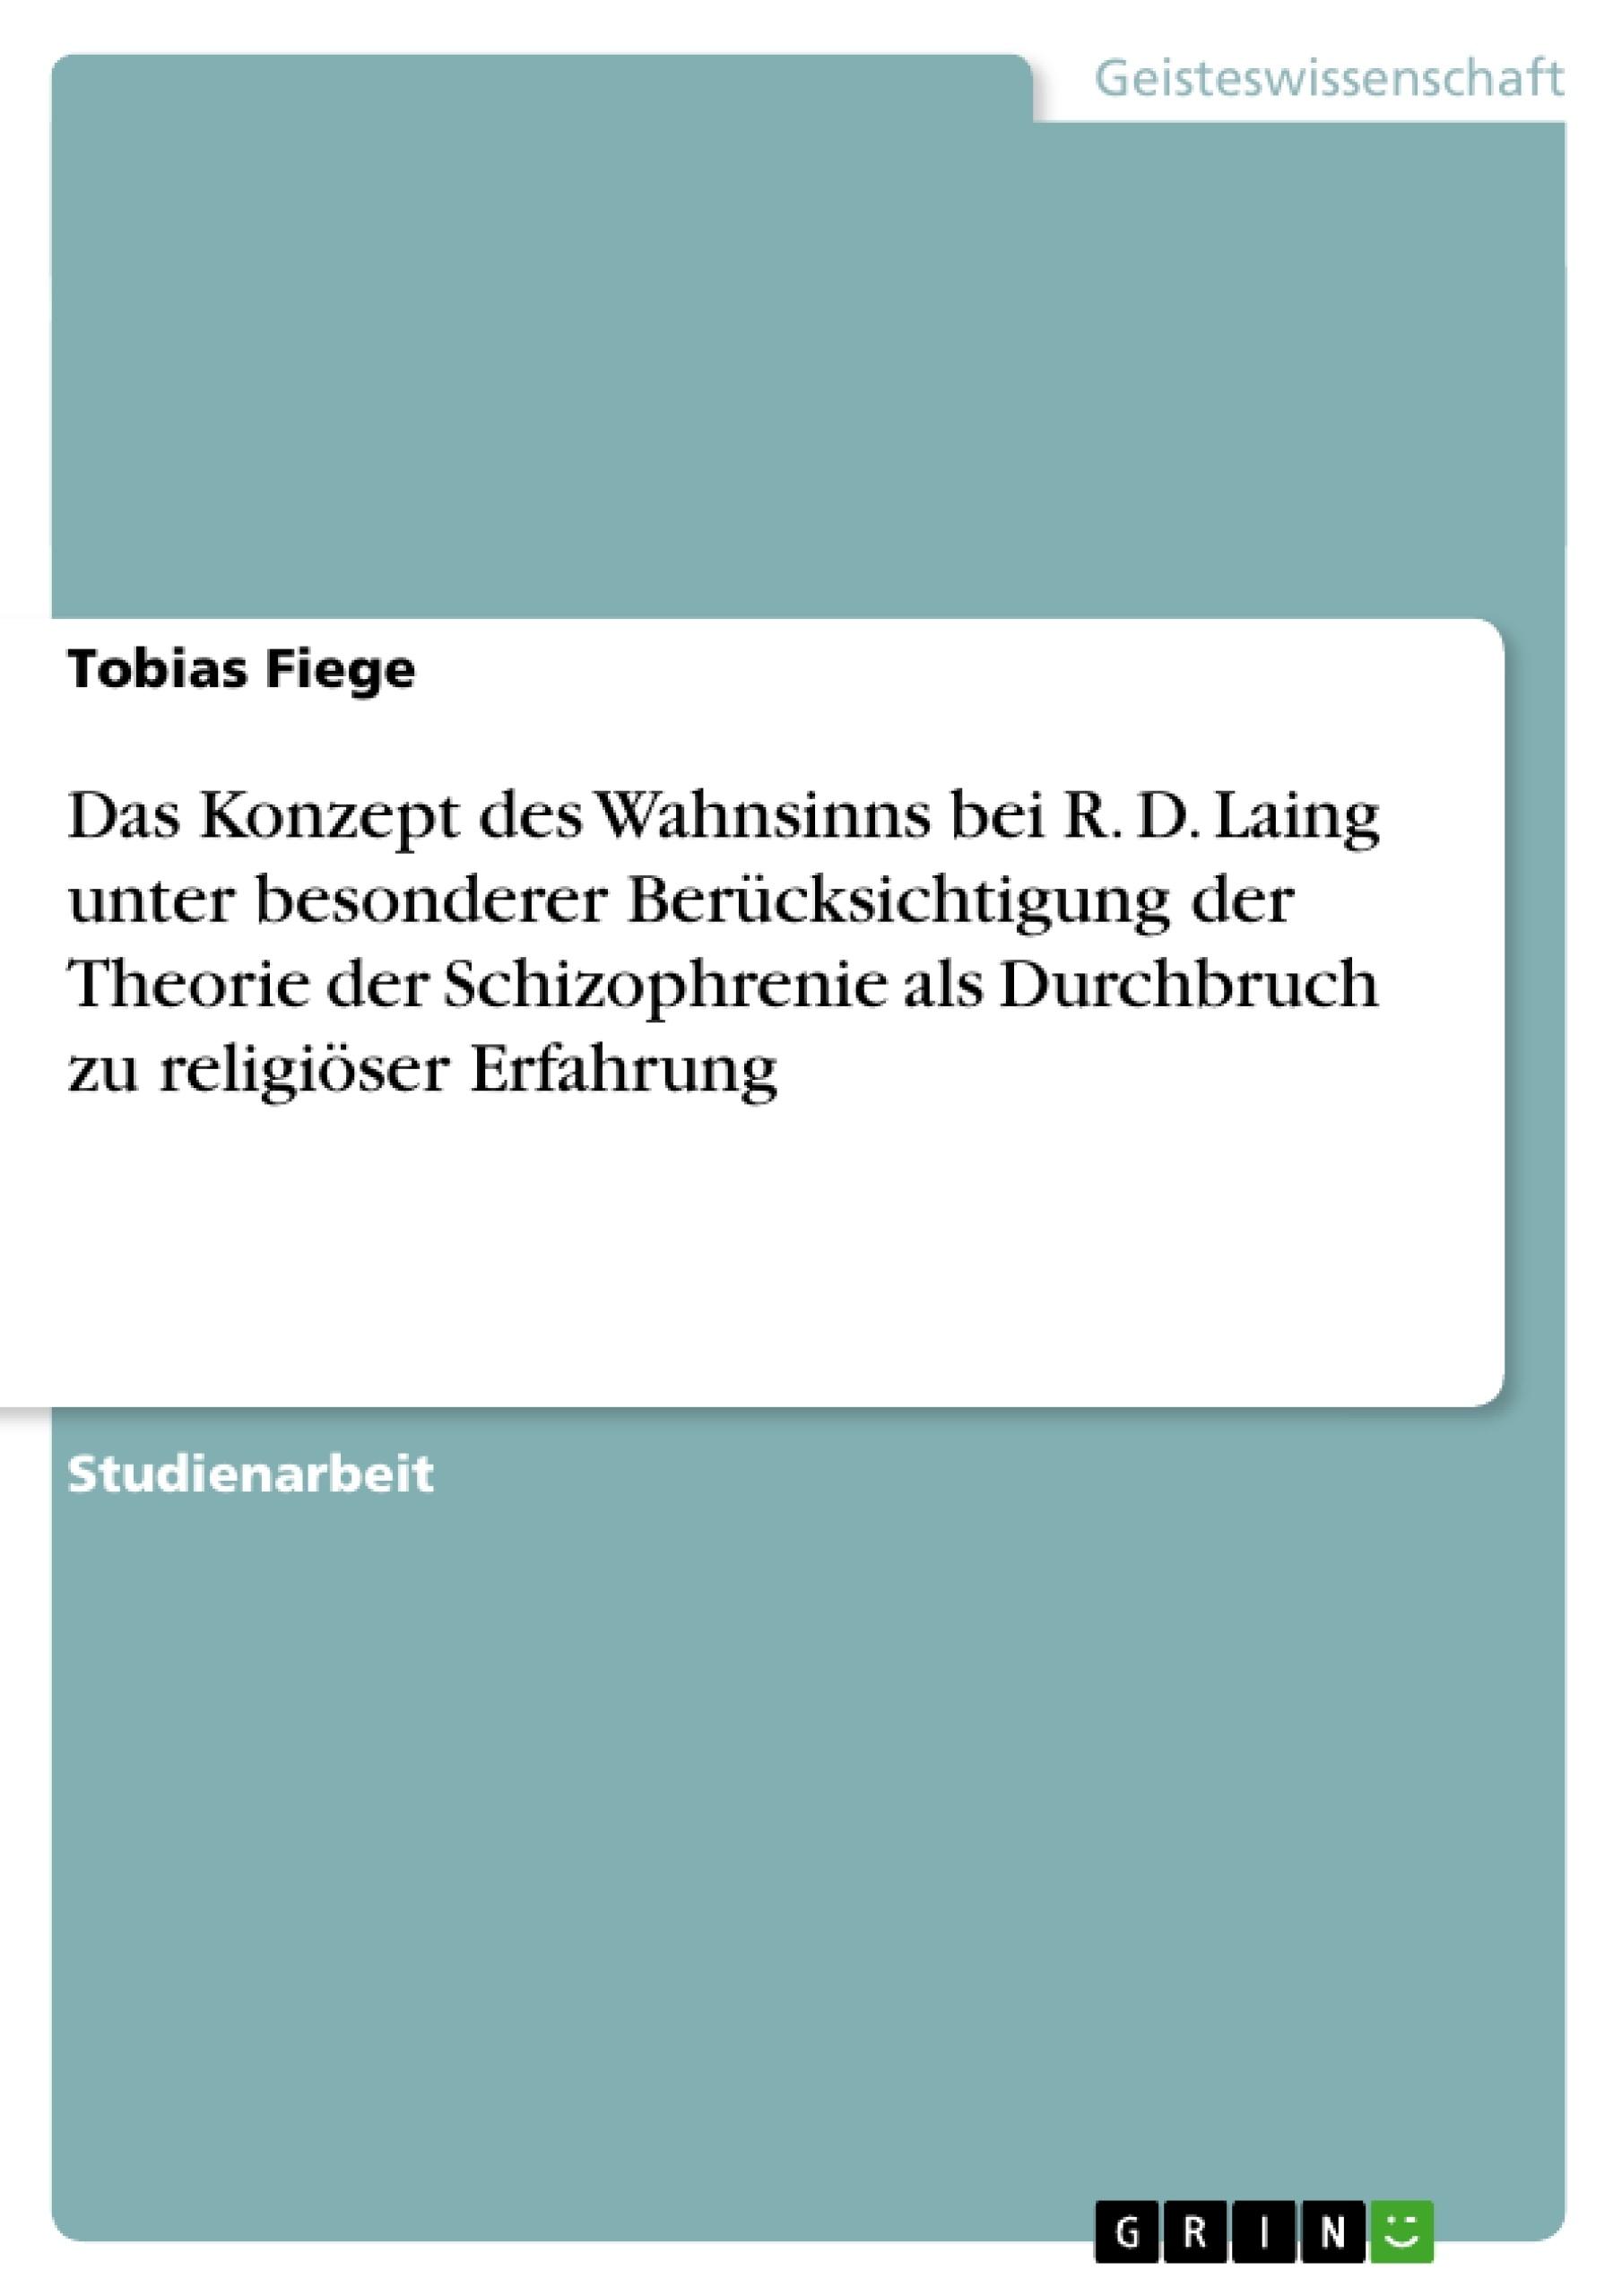 Titel: Das Konzept des Wahnsinns bei R. D. Laing unter besonderer Berücksichtigung der Theorie der Schizophrenie als Durchbruch zu religiöser Erfahrung